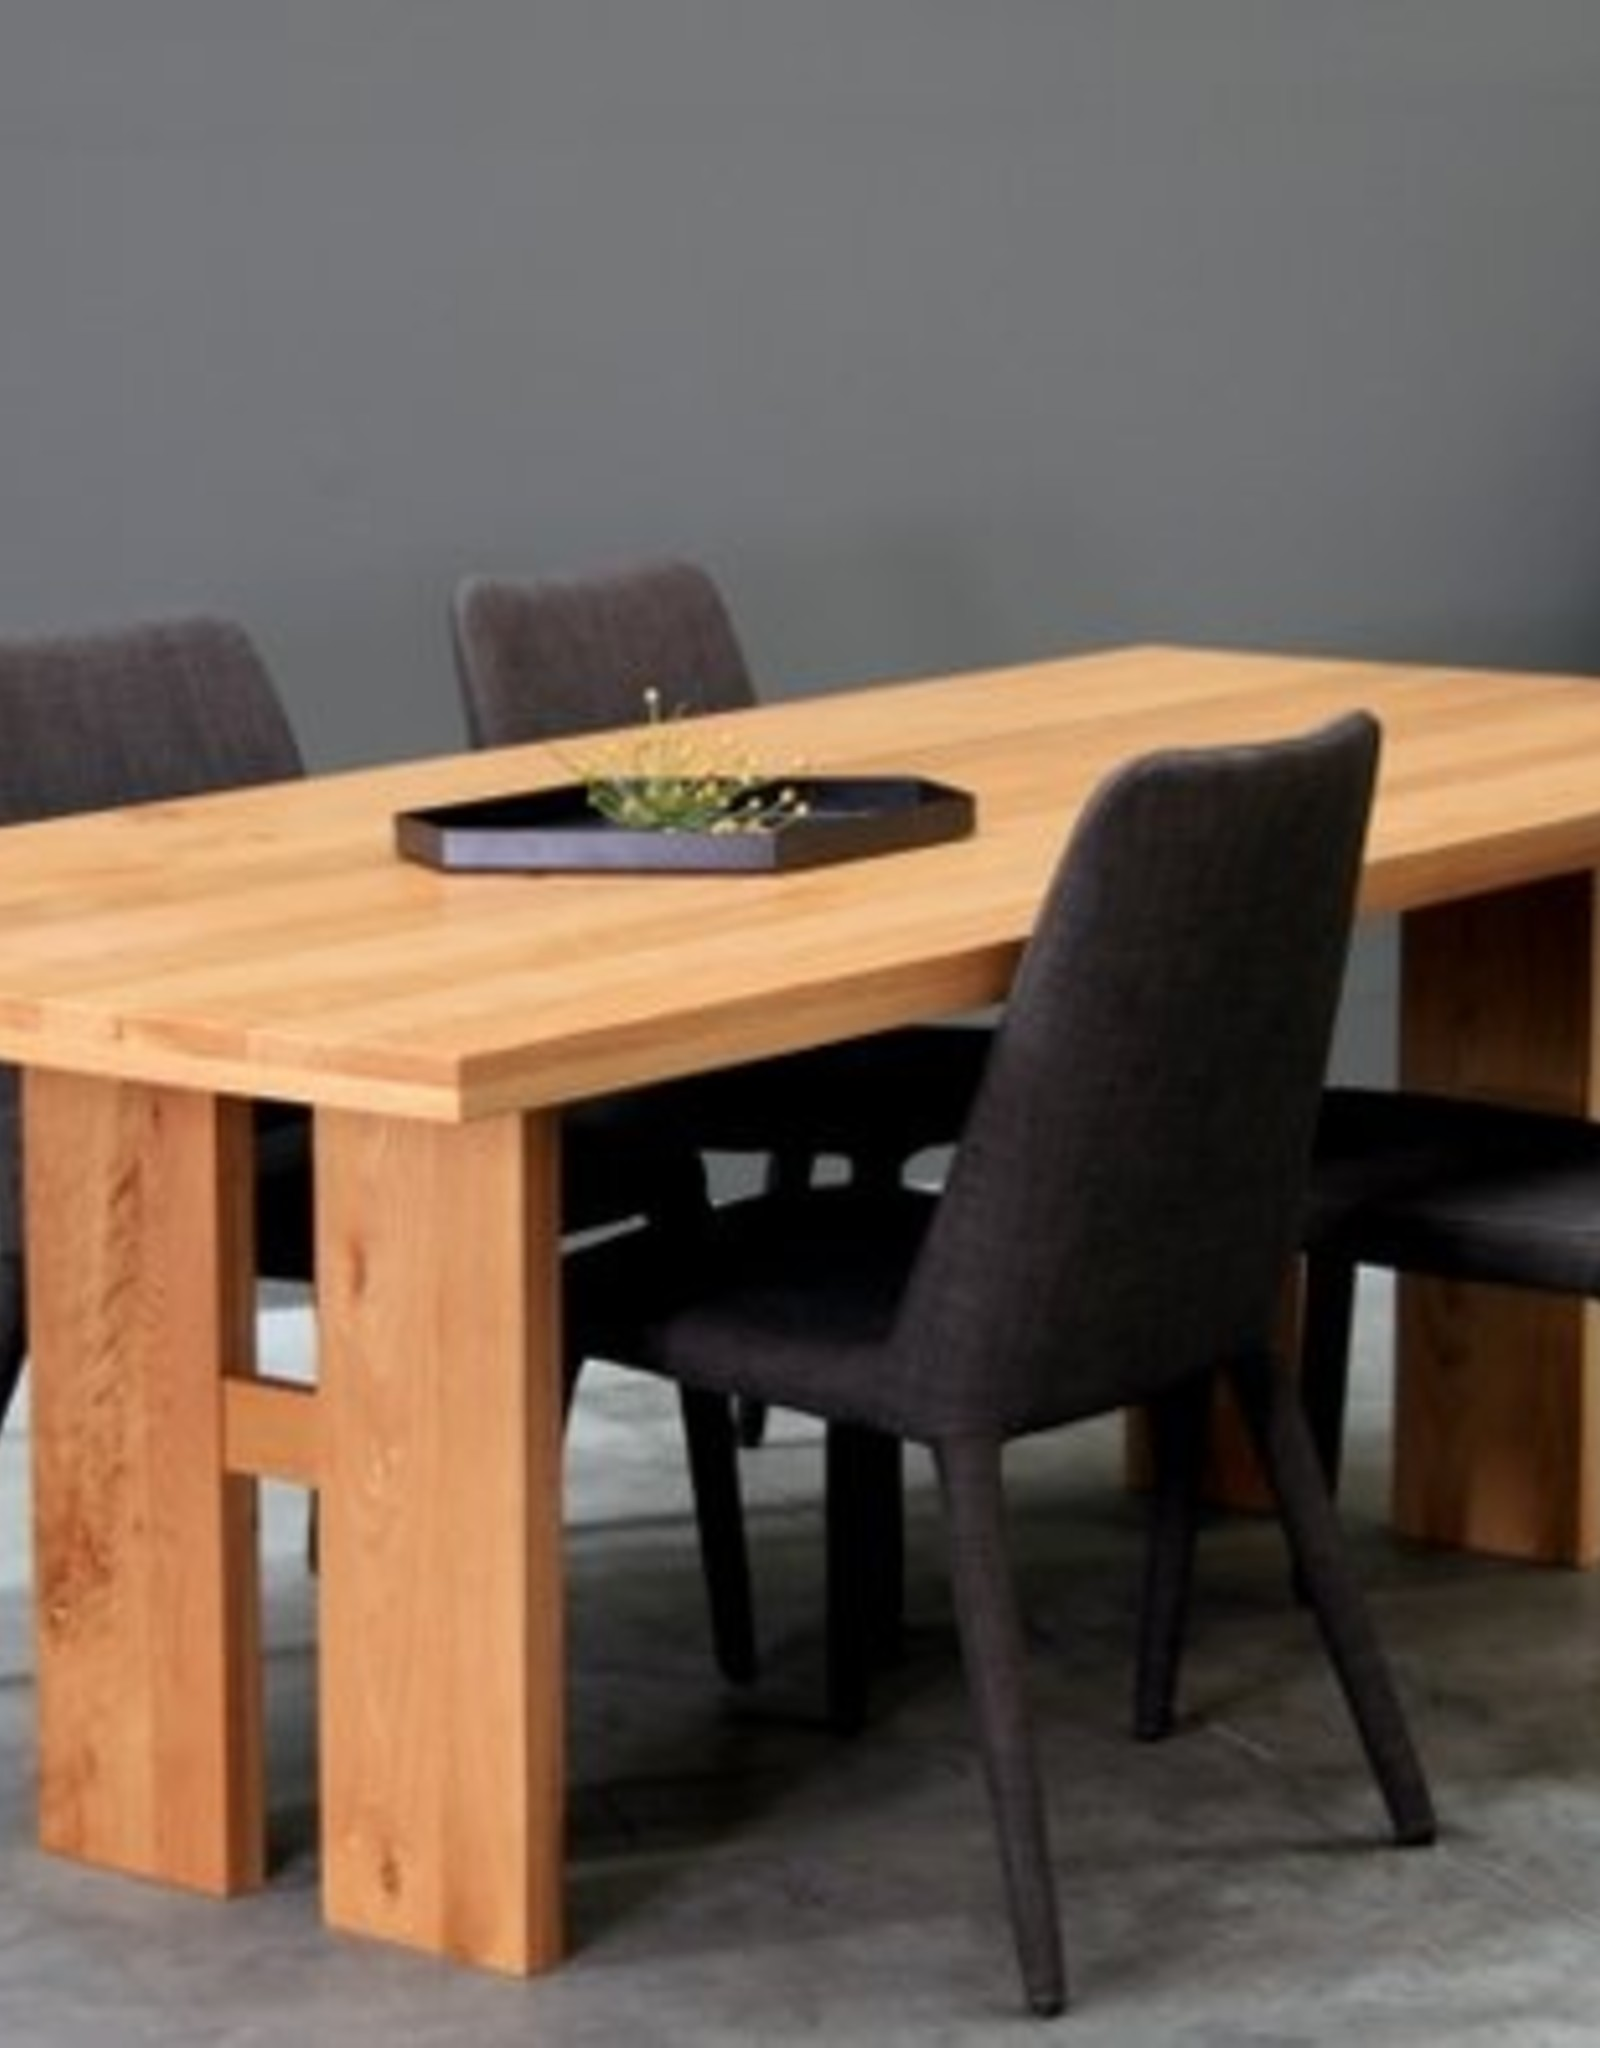 SATARA Delta dining table